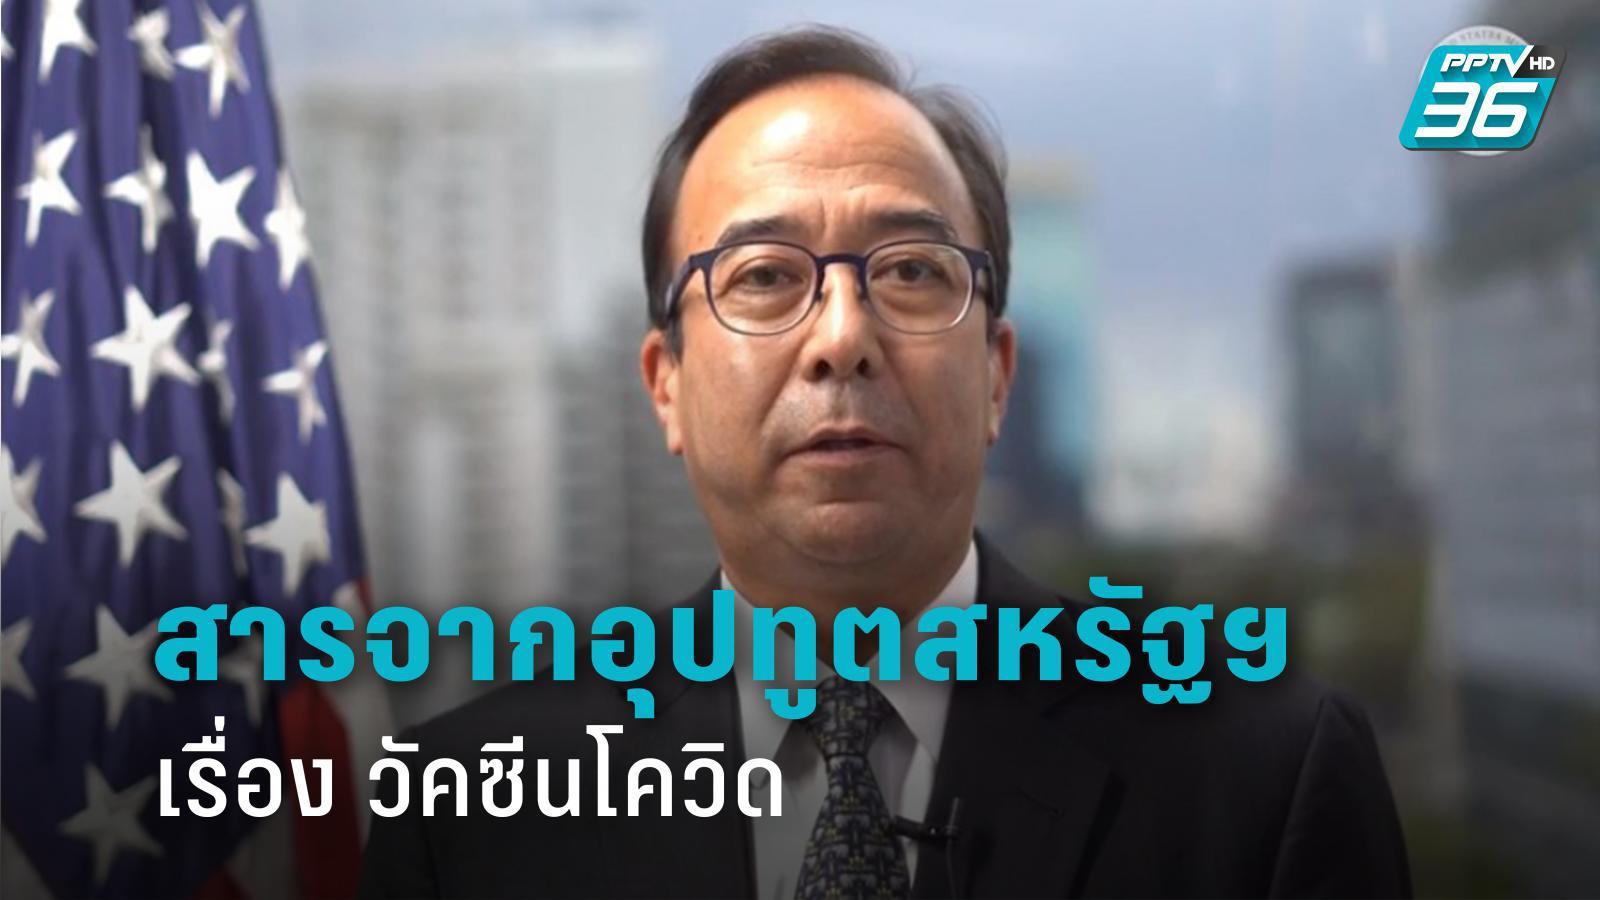 สารจากอุปทูตสหรัฐอเมริกา ชี้แจง กรณีมอบวัคซีนไฟเซอร์ให้ไทย